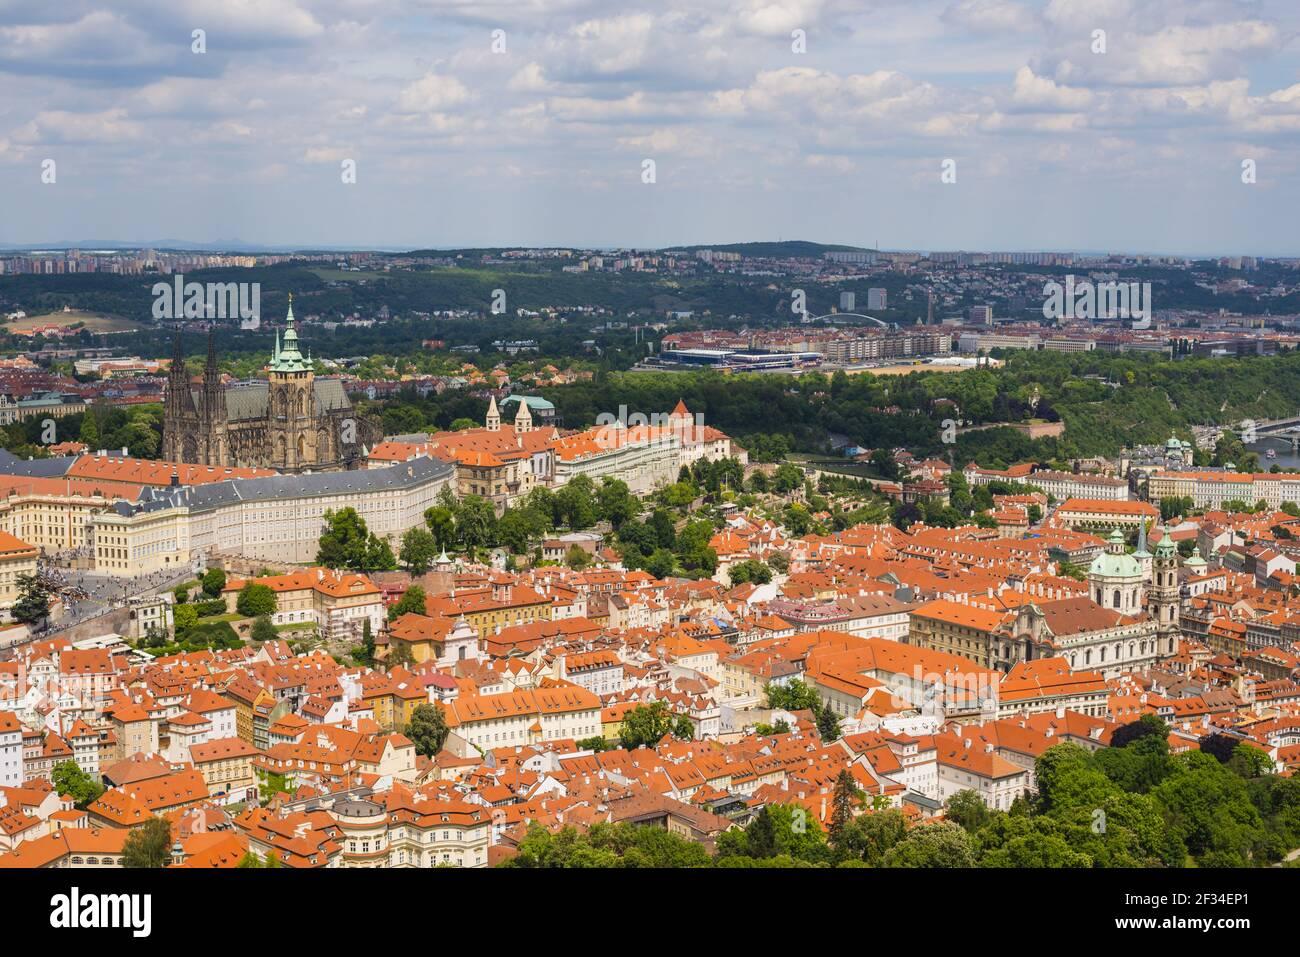 Geografia / viaggio, Czechia, panorama, Mala Strana, Mala Strana, Con il Castello di Praga, il Castello di Hradany e la città vecchia, nove Mesto, Pra, Freedom-of-Panorama Foto Stock